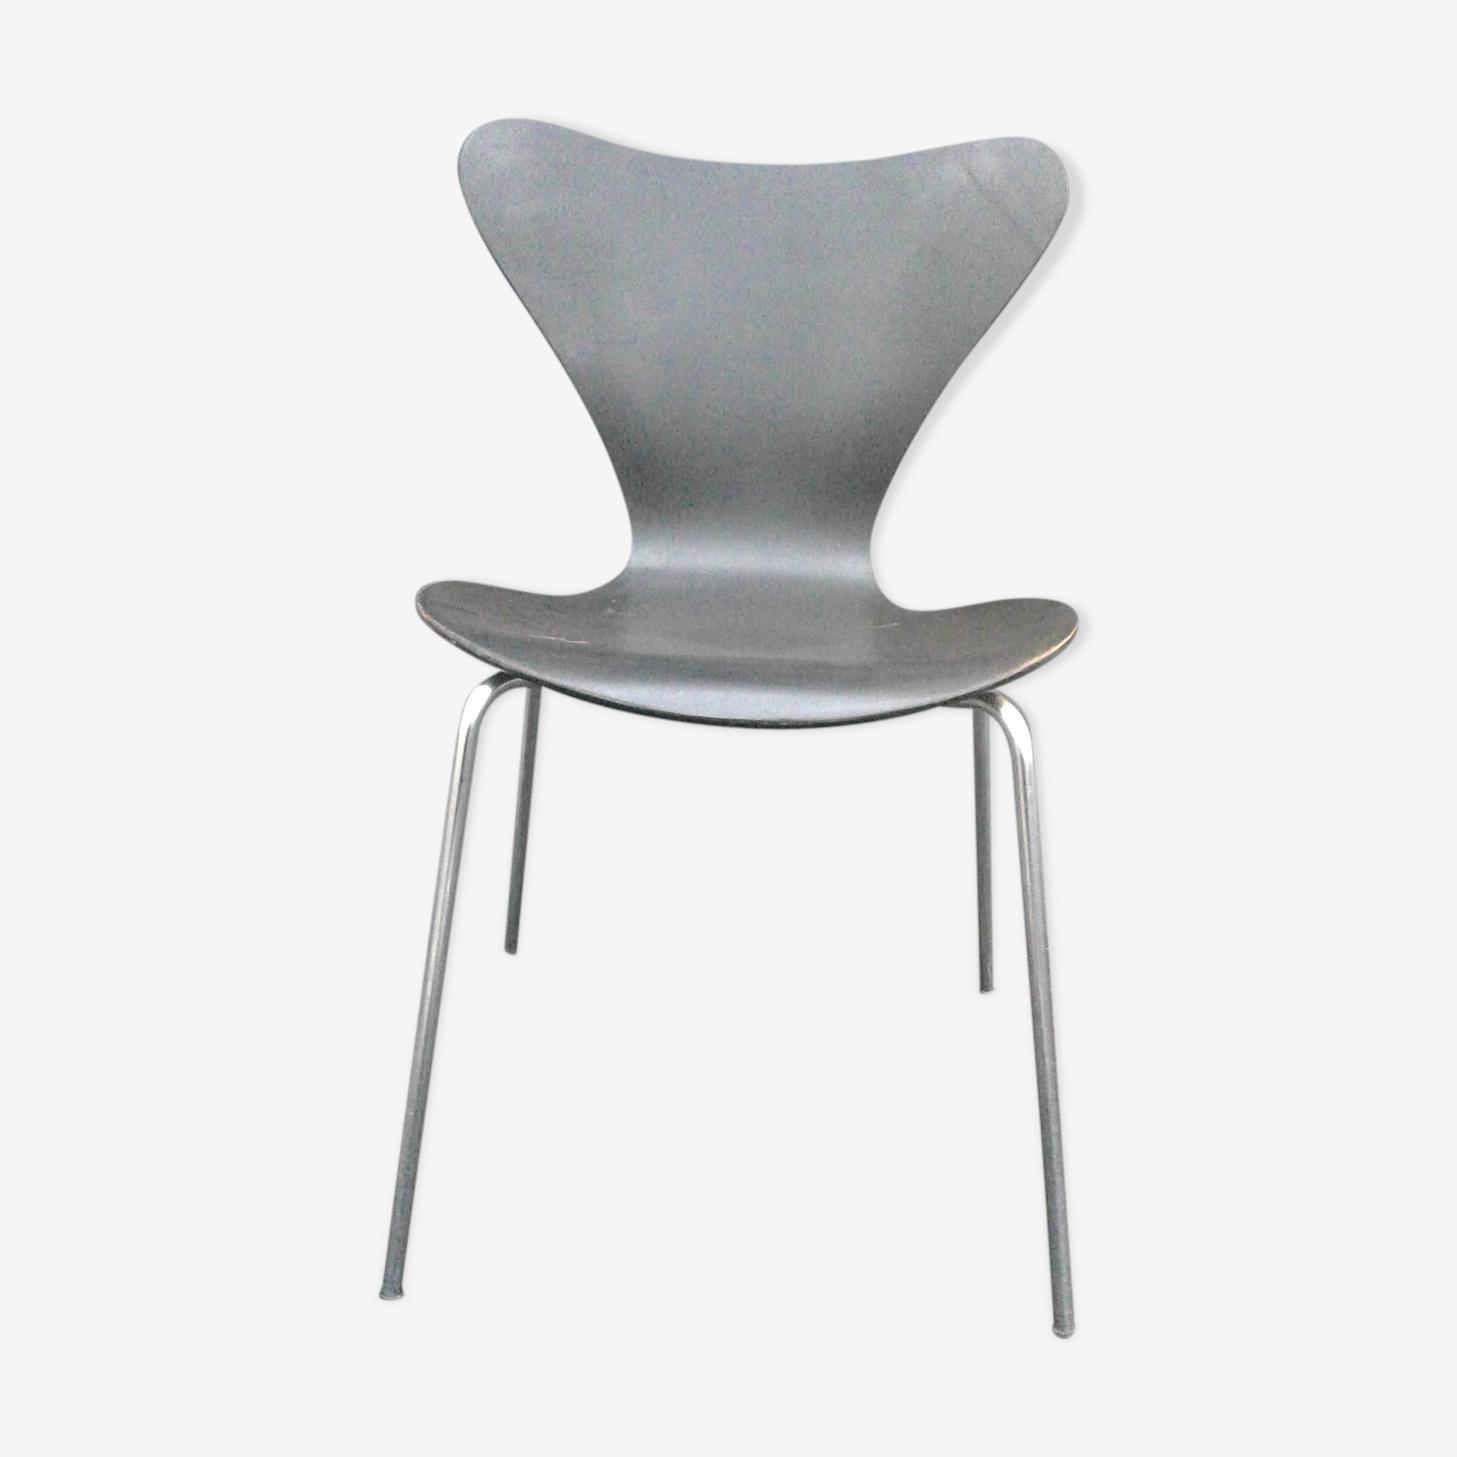 Chaise modèle 3107 série 7 par Arne Jacobsen édition Fritz Hansen, 1968